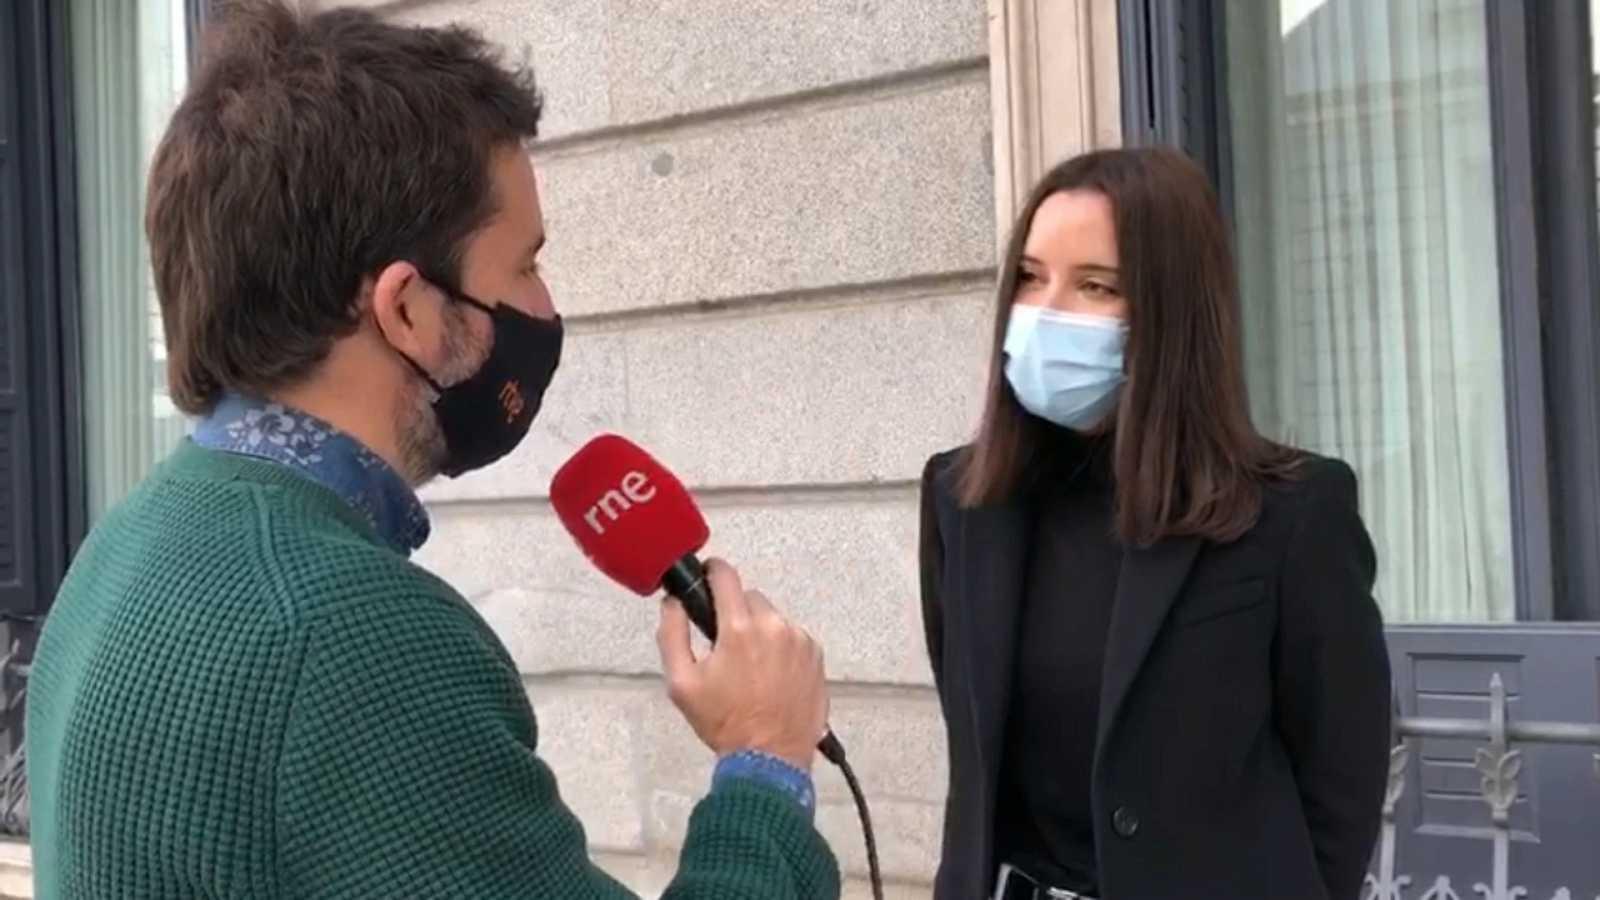 Parlamento - Radio 5 - El Rincón: Andrea Fernández - Escuchar ahora